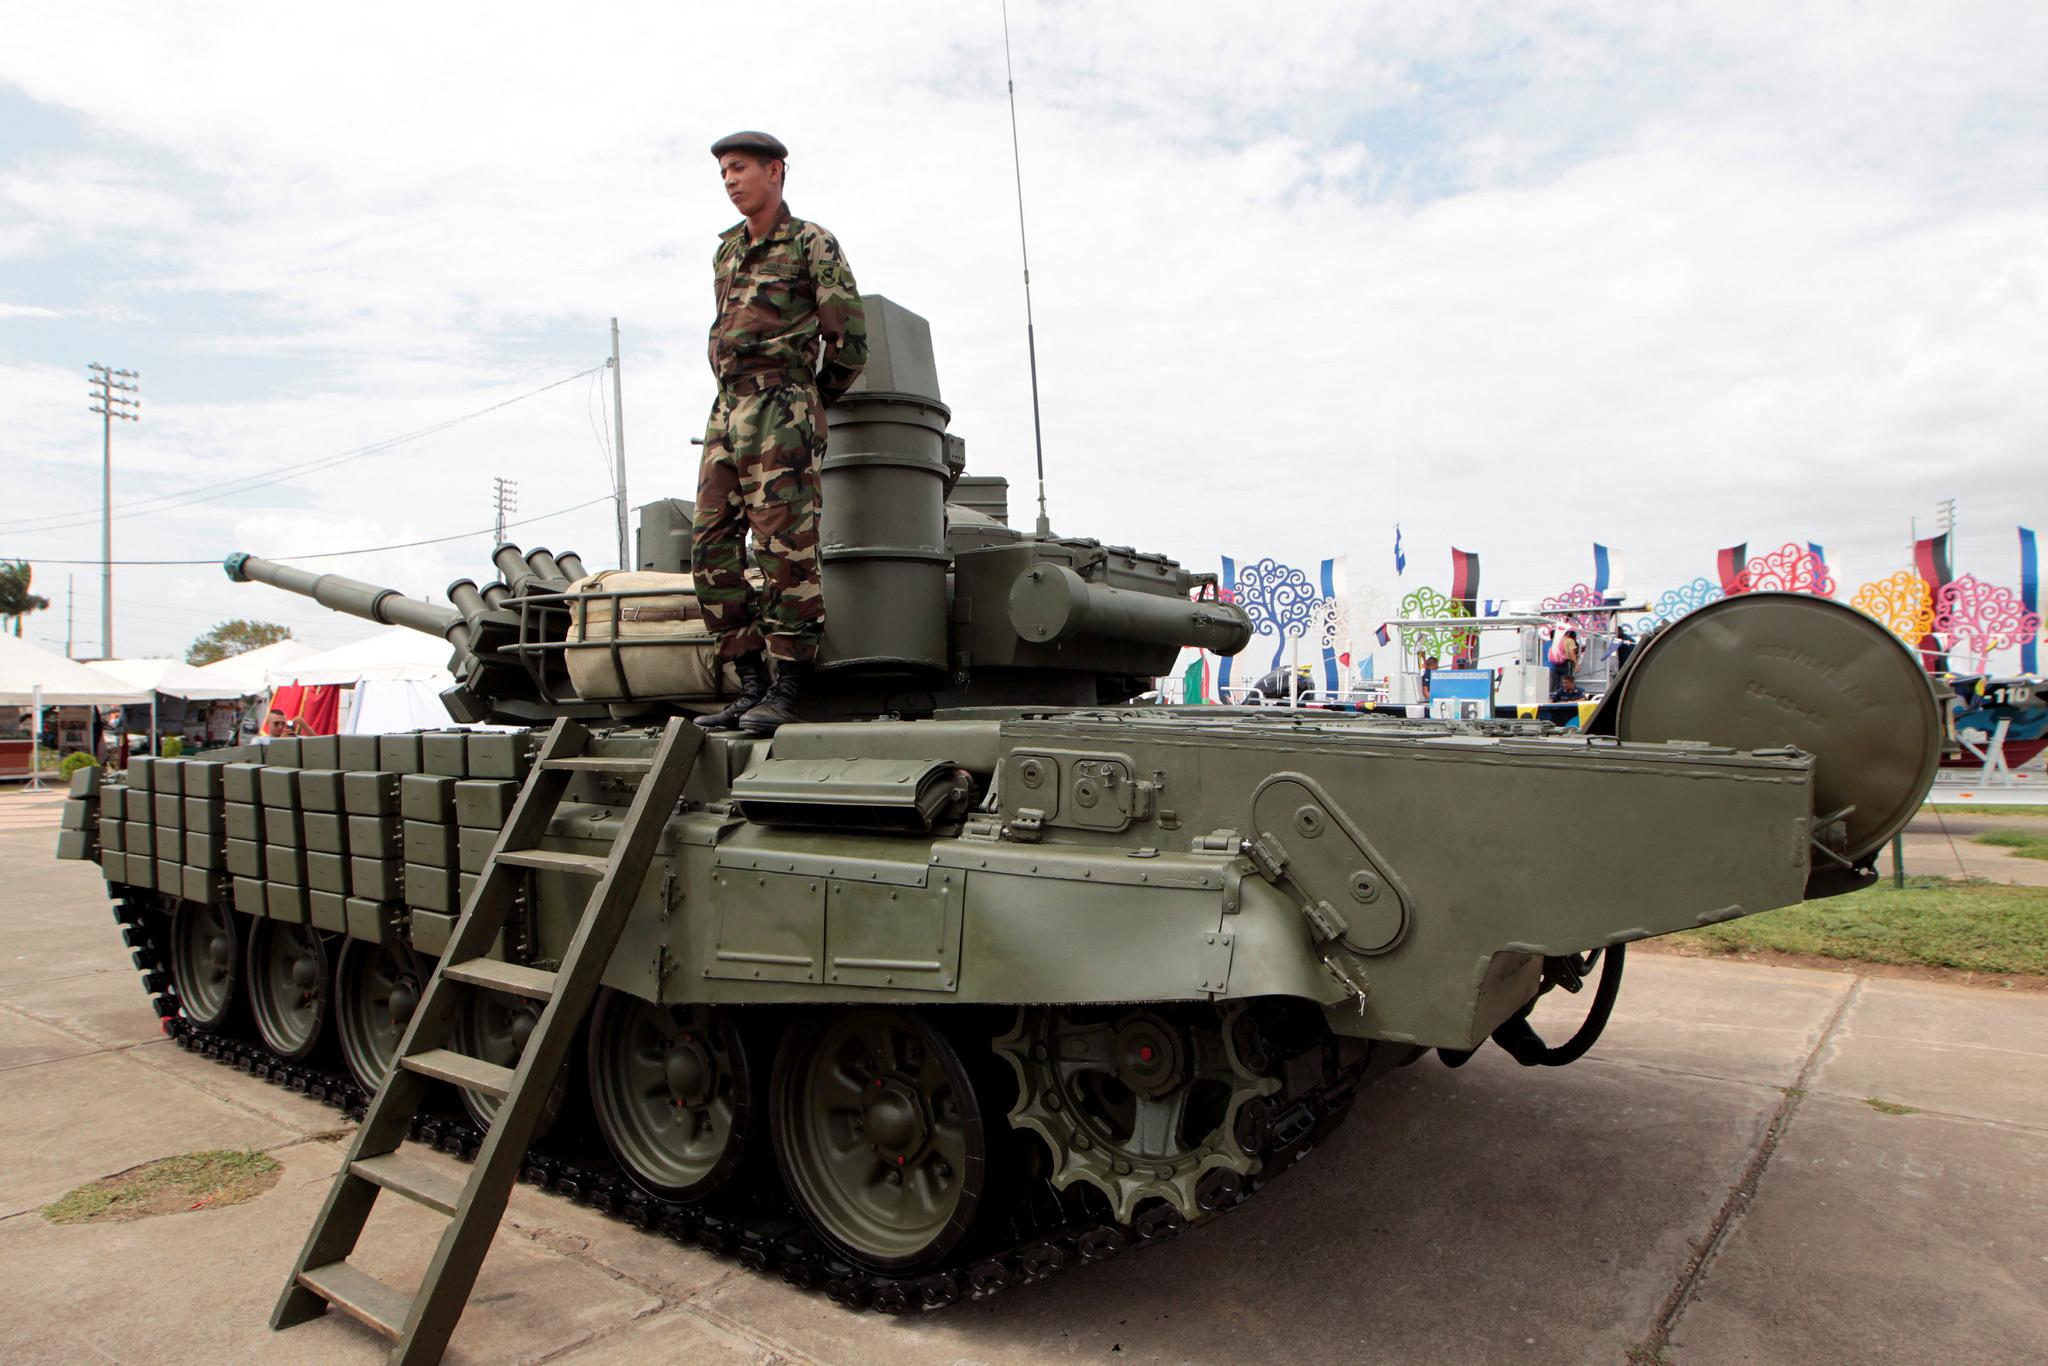 Поставленный из России модернизированный танк Т-72М1 сухопутных войск Никарагуа. Манагуа, 17.08.2016.